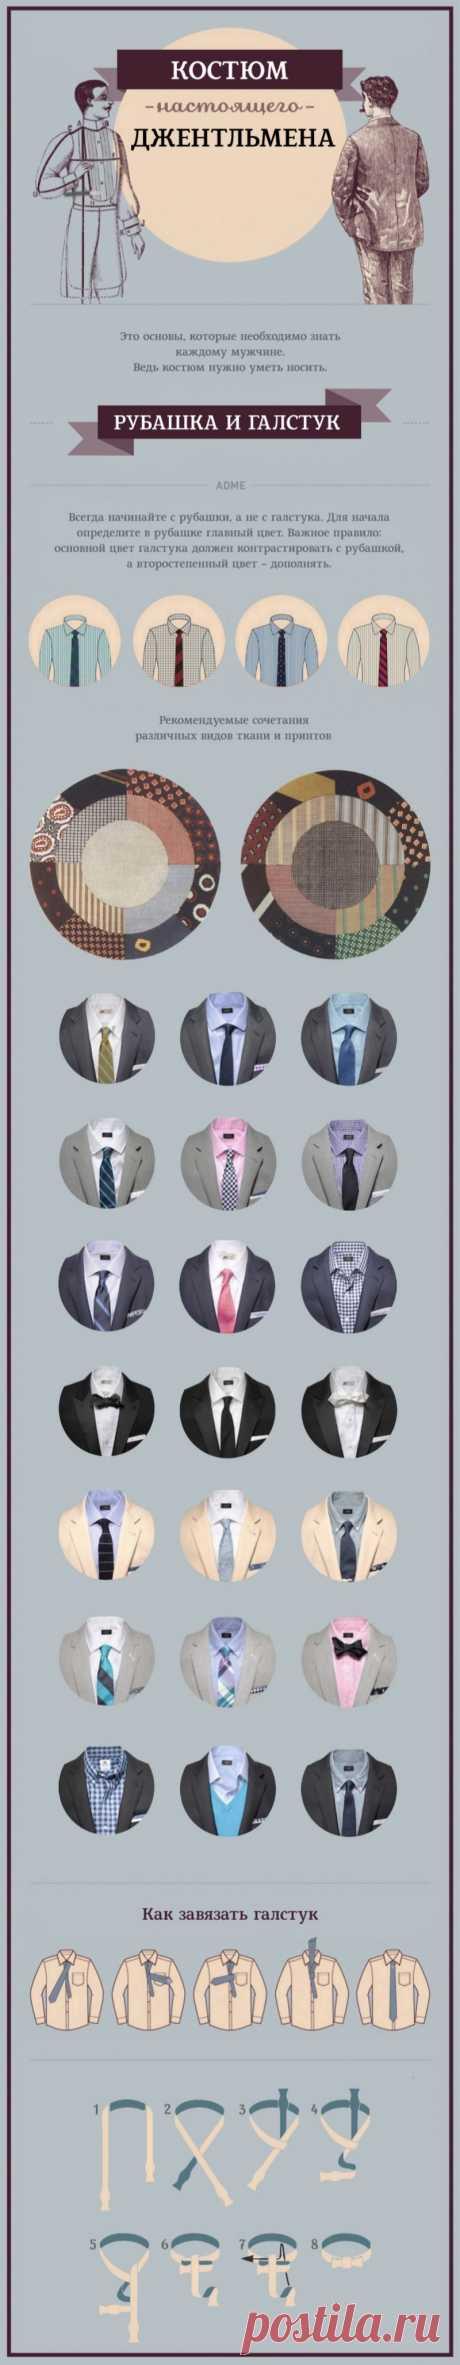 Костюм настоящего джентльмена. Рубашка и галстук. Как завязать галстук